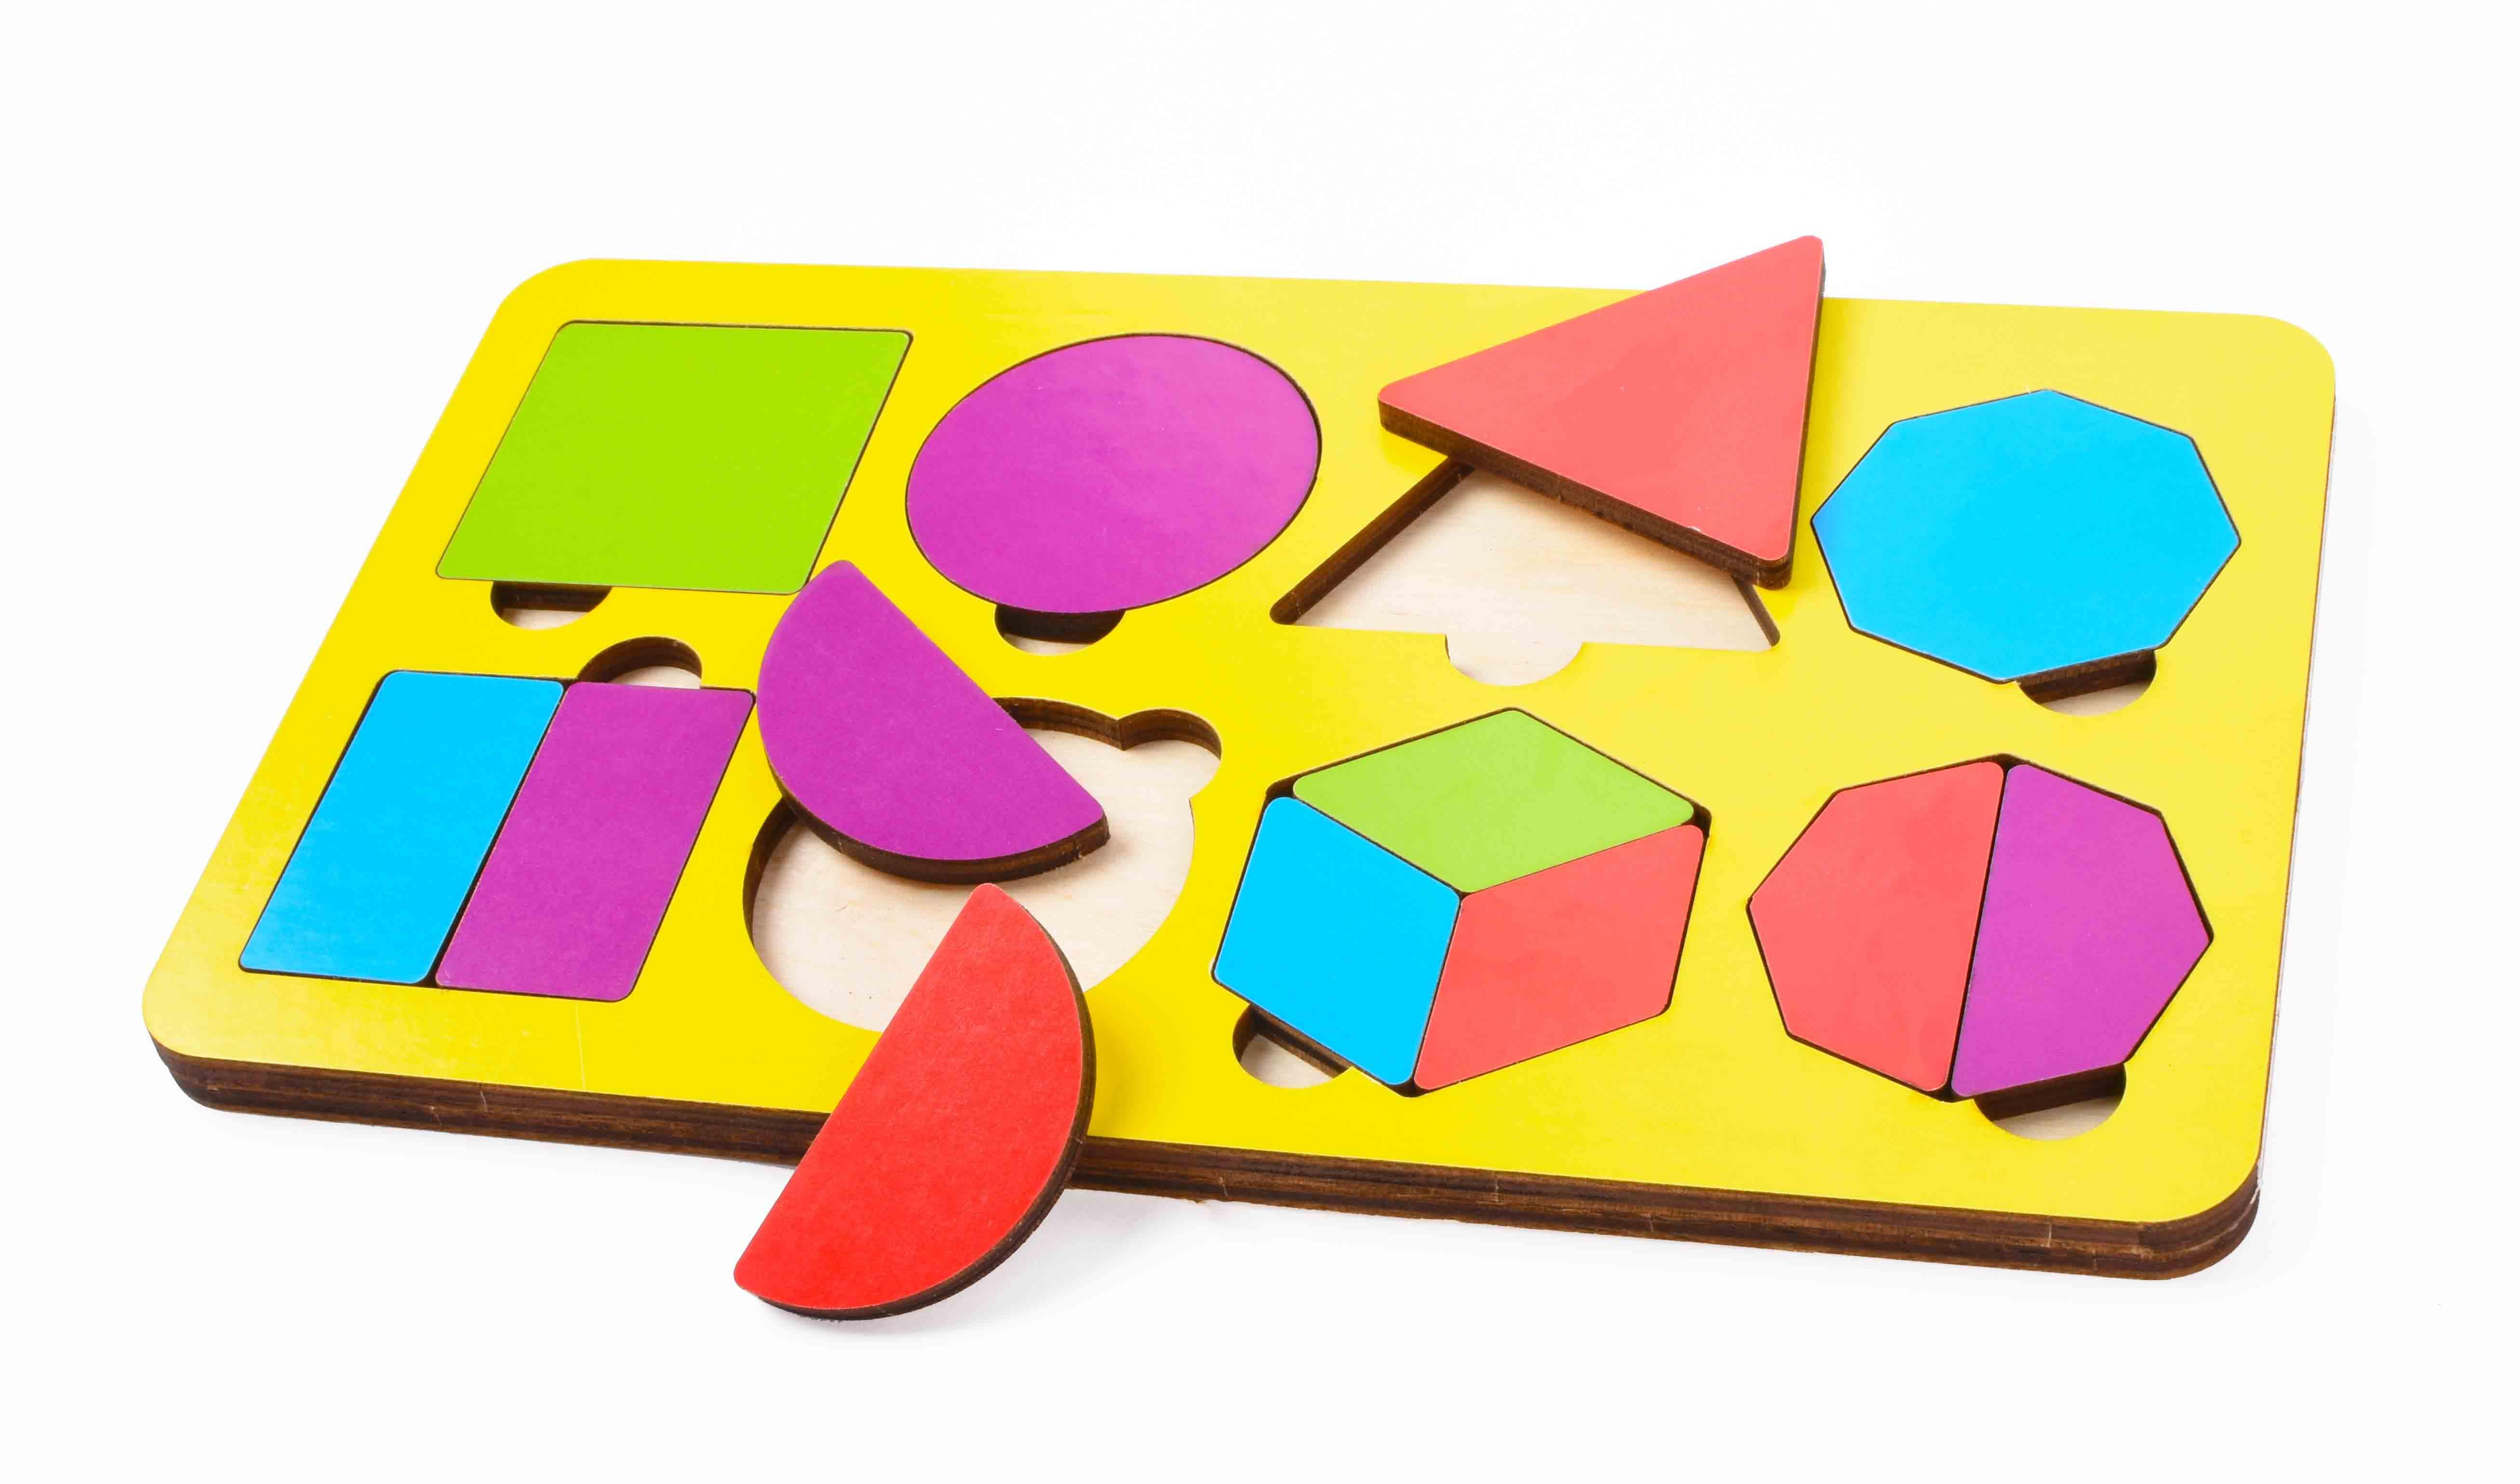 Игрушка детская:04038 Вкладыш 14 элементов (по системе раннего развития) цвет в асс-те